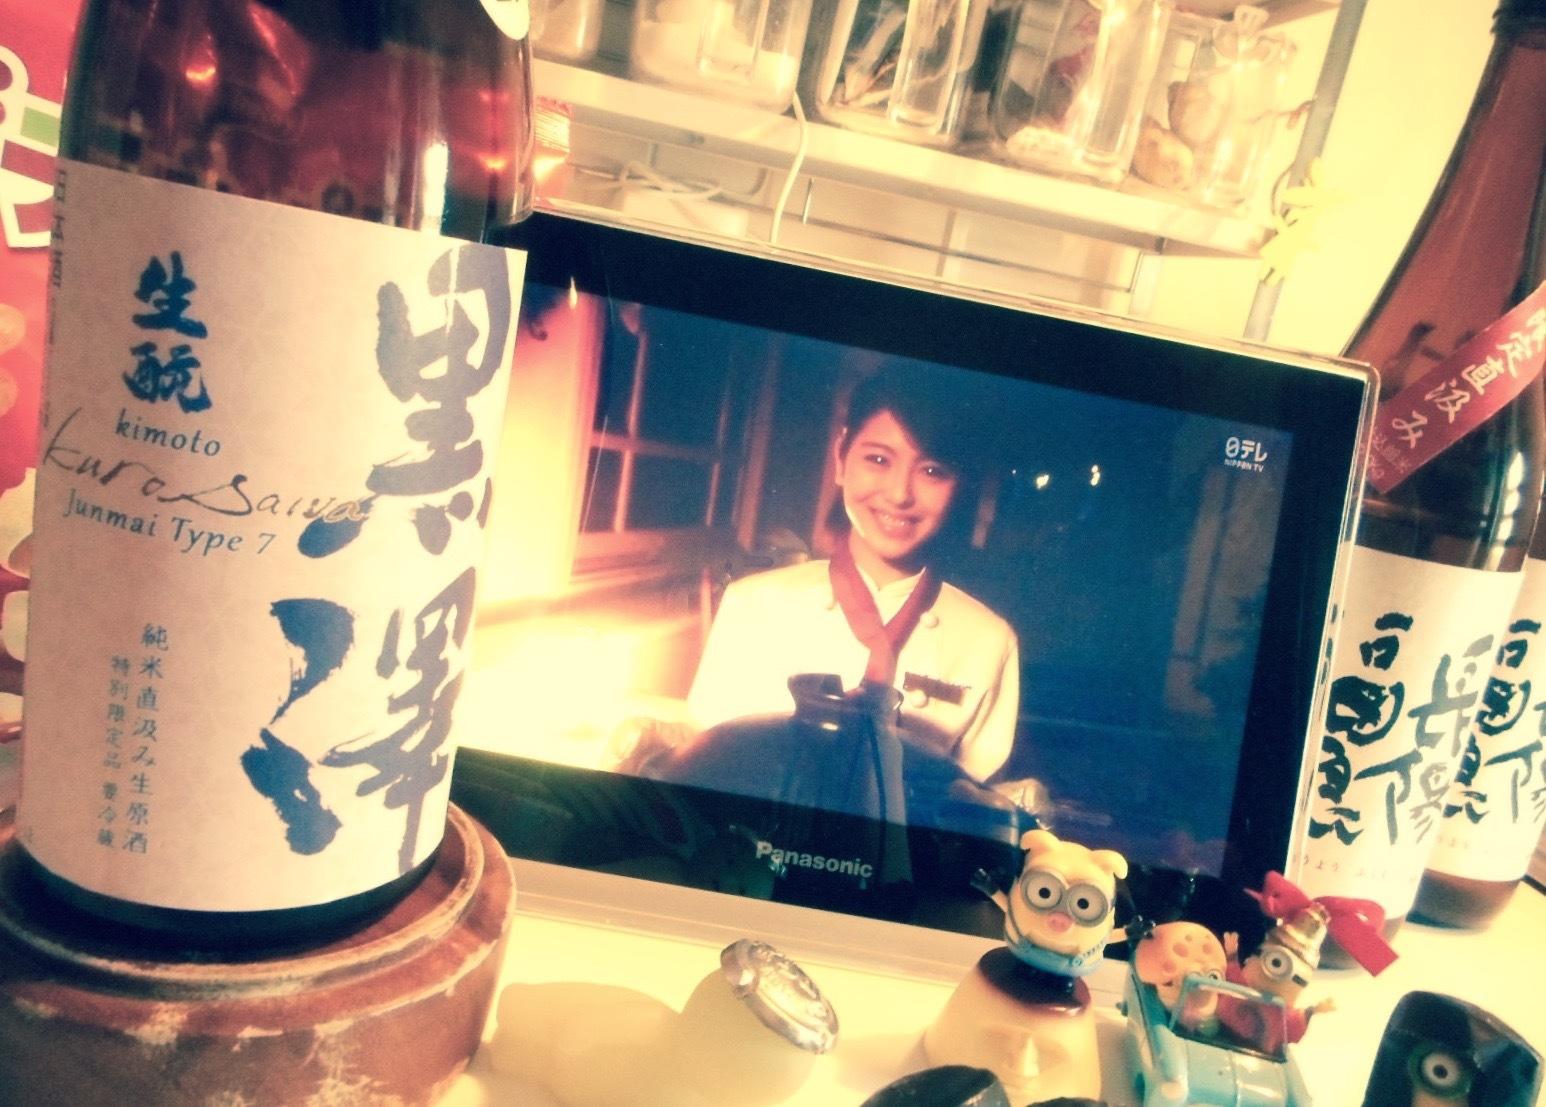 kurosawa_type7_2_29by1.jpg